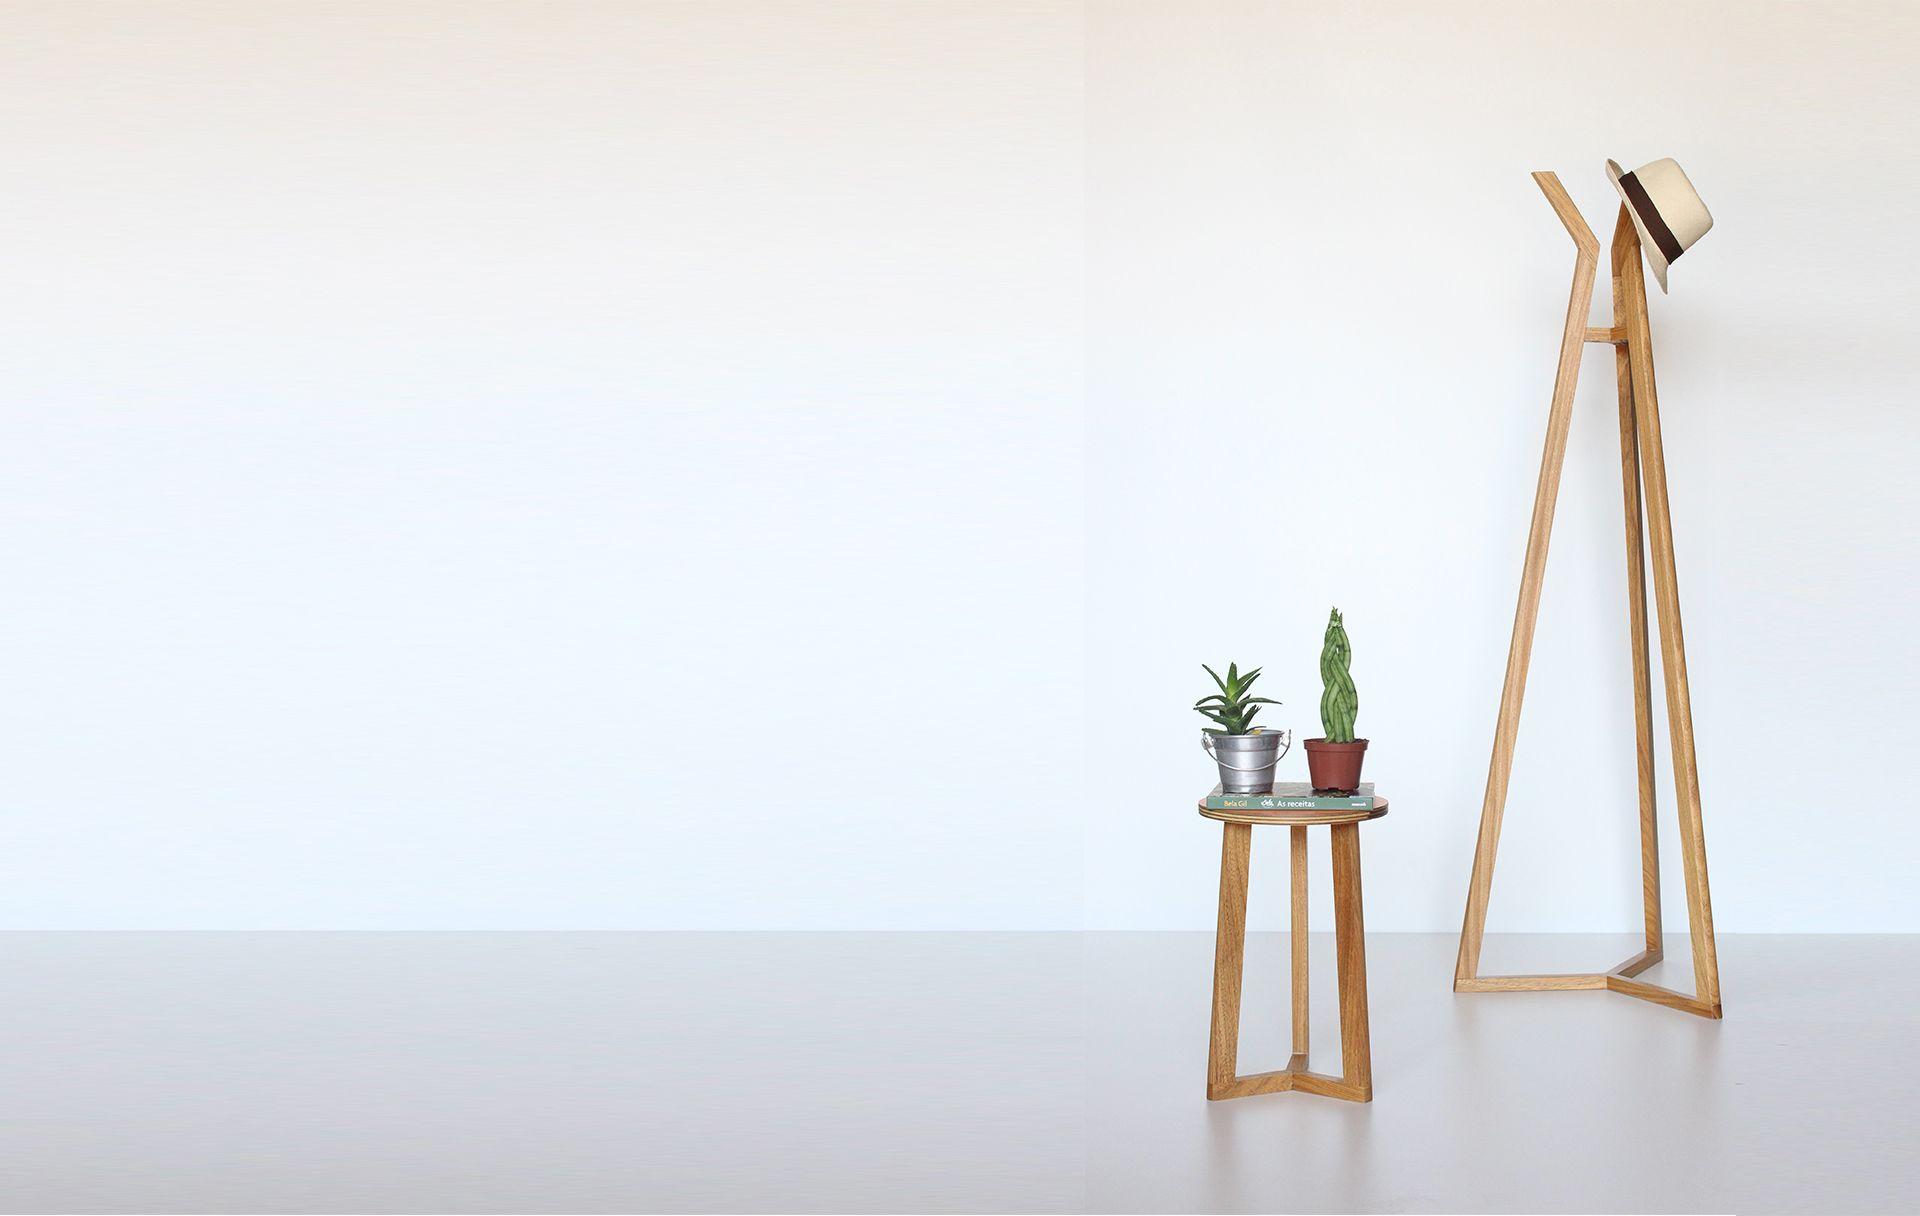 Mancebo Colorado - Sala - Móveis e objetos de design assinado - Entrega em todo o Brasil